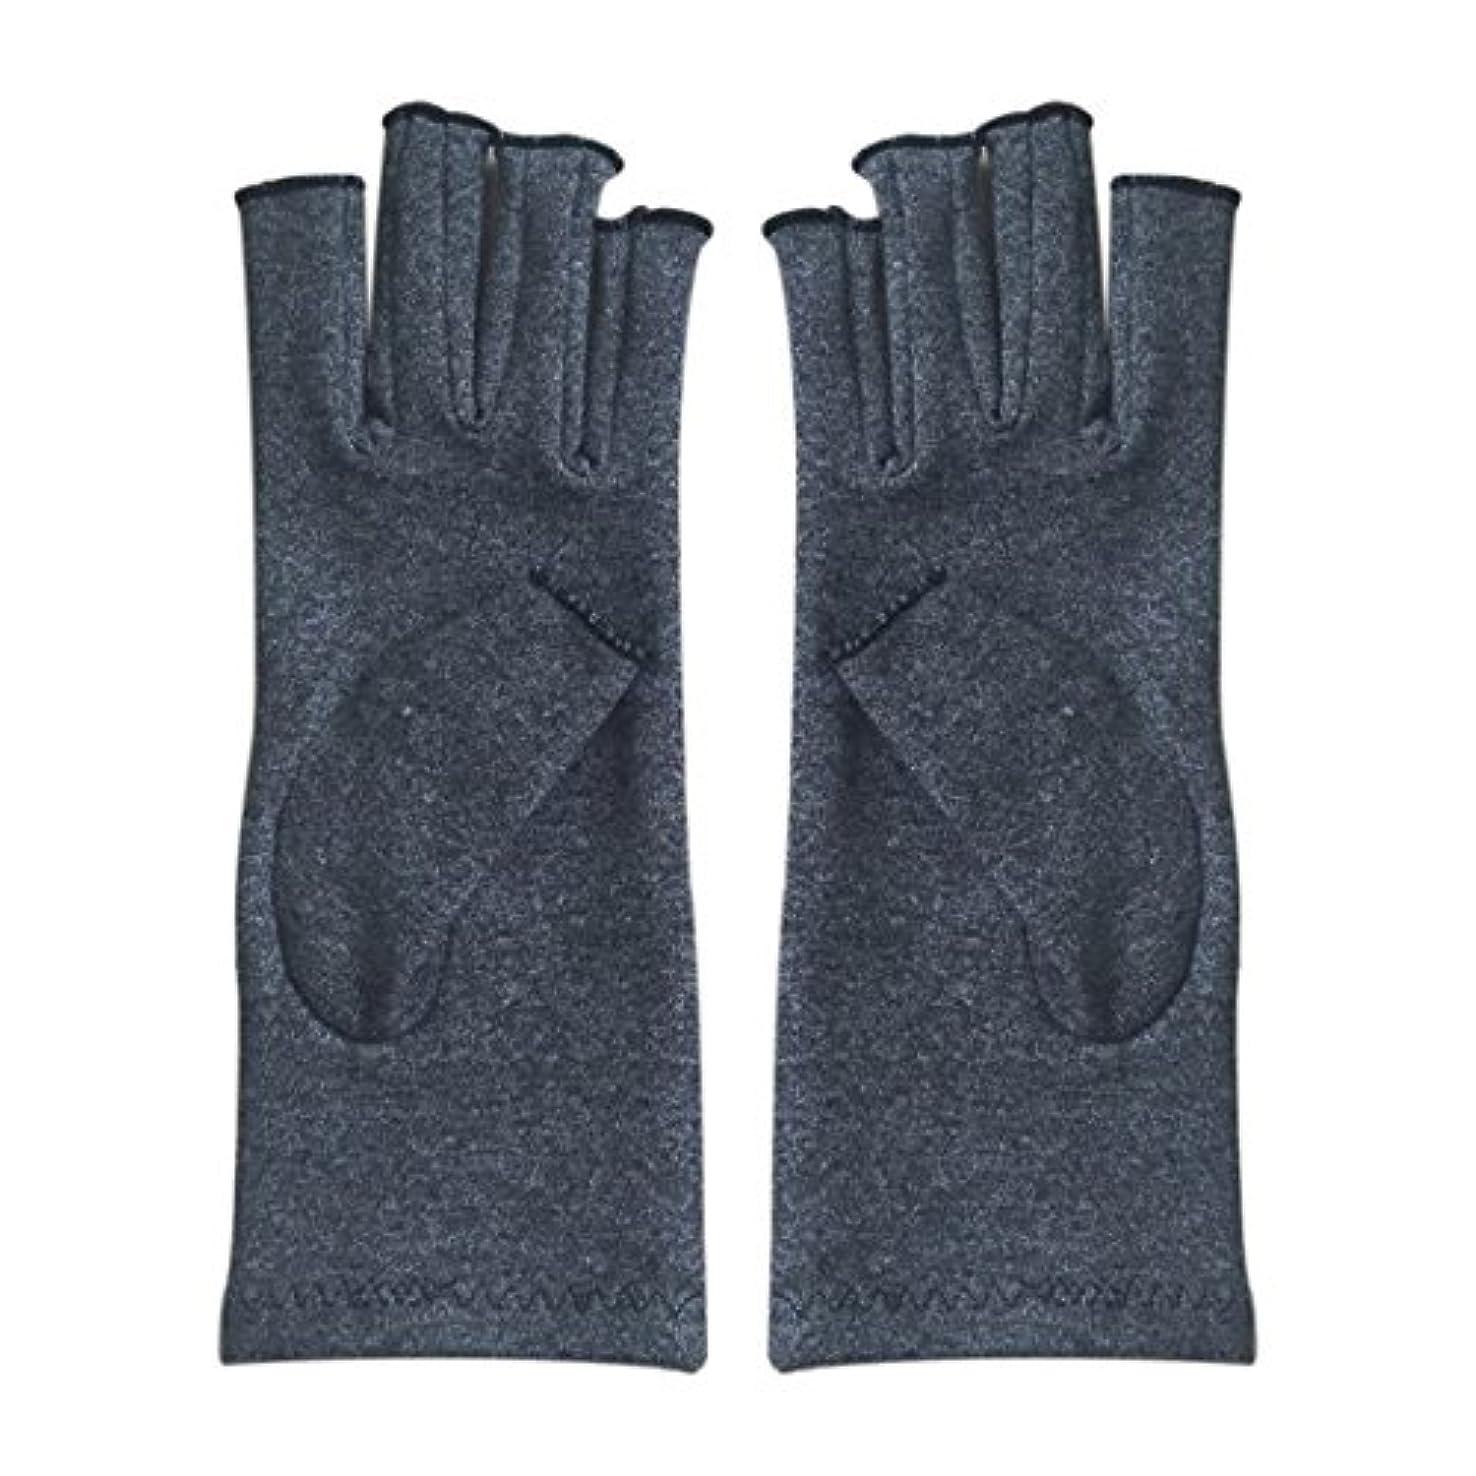 二次息切れ背骨ACAMPTAR 1ペア成人男性女性用弾性コットンコンプレッション手袋手関節炎関節痛鎮痛軽減M - 灰色、M